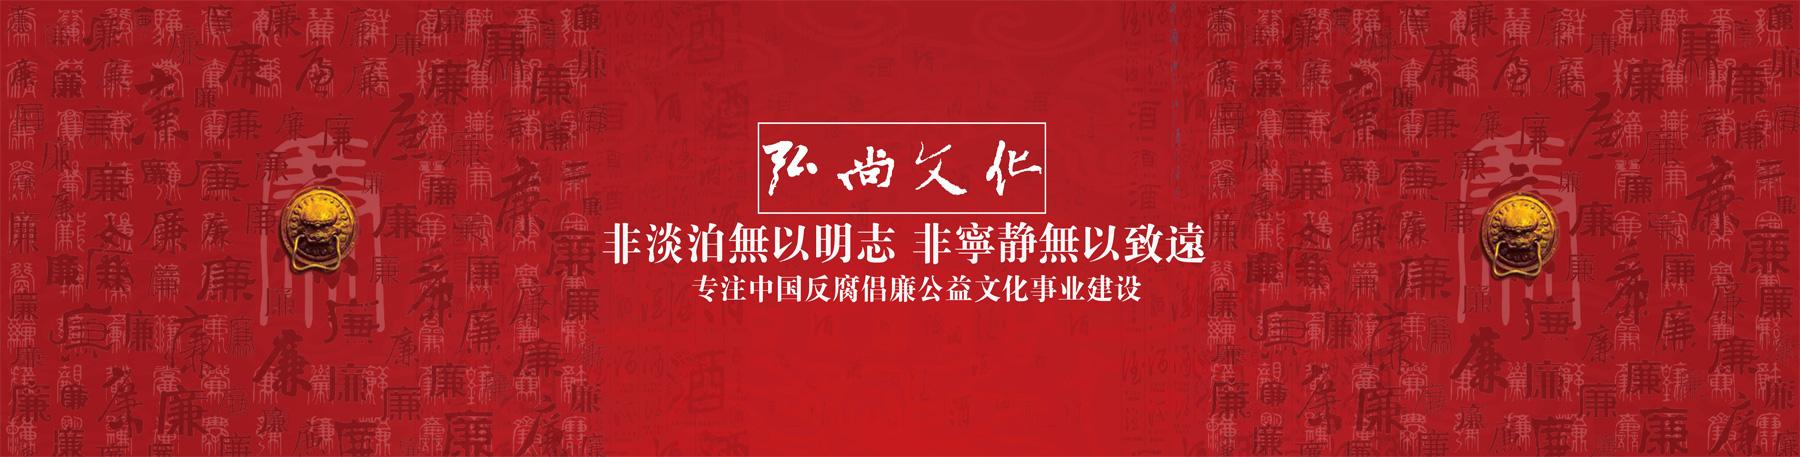 雷竞技下载网址文化